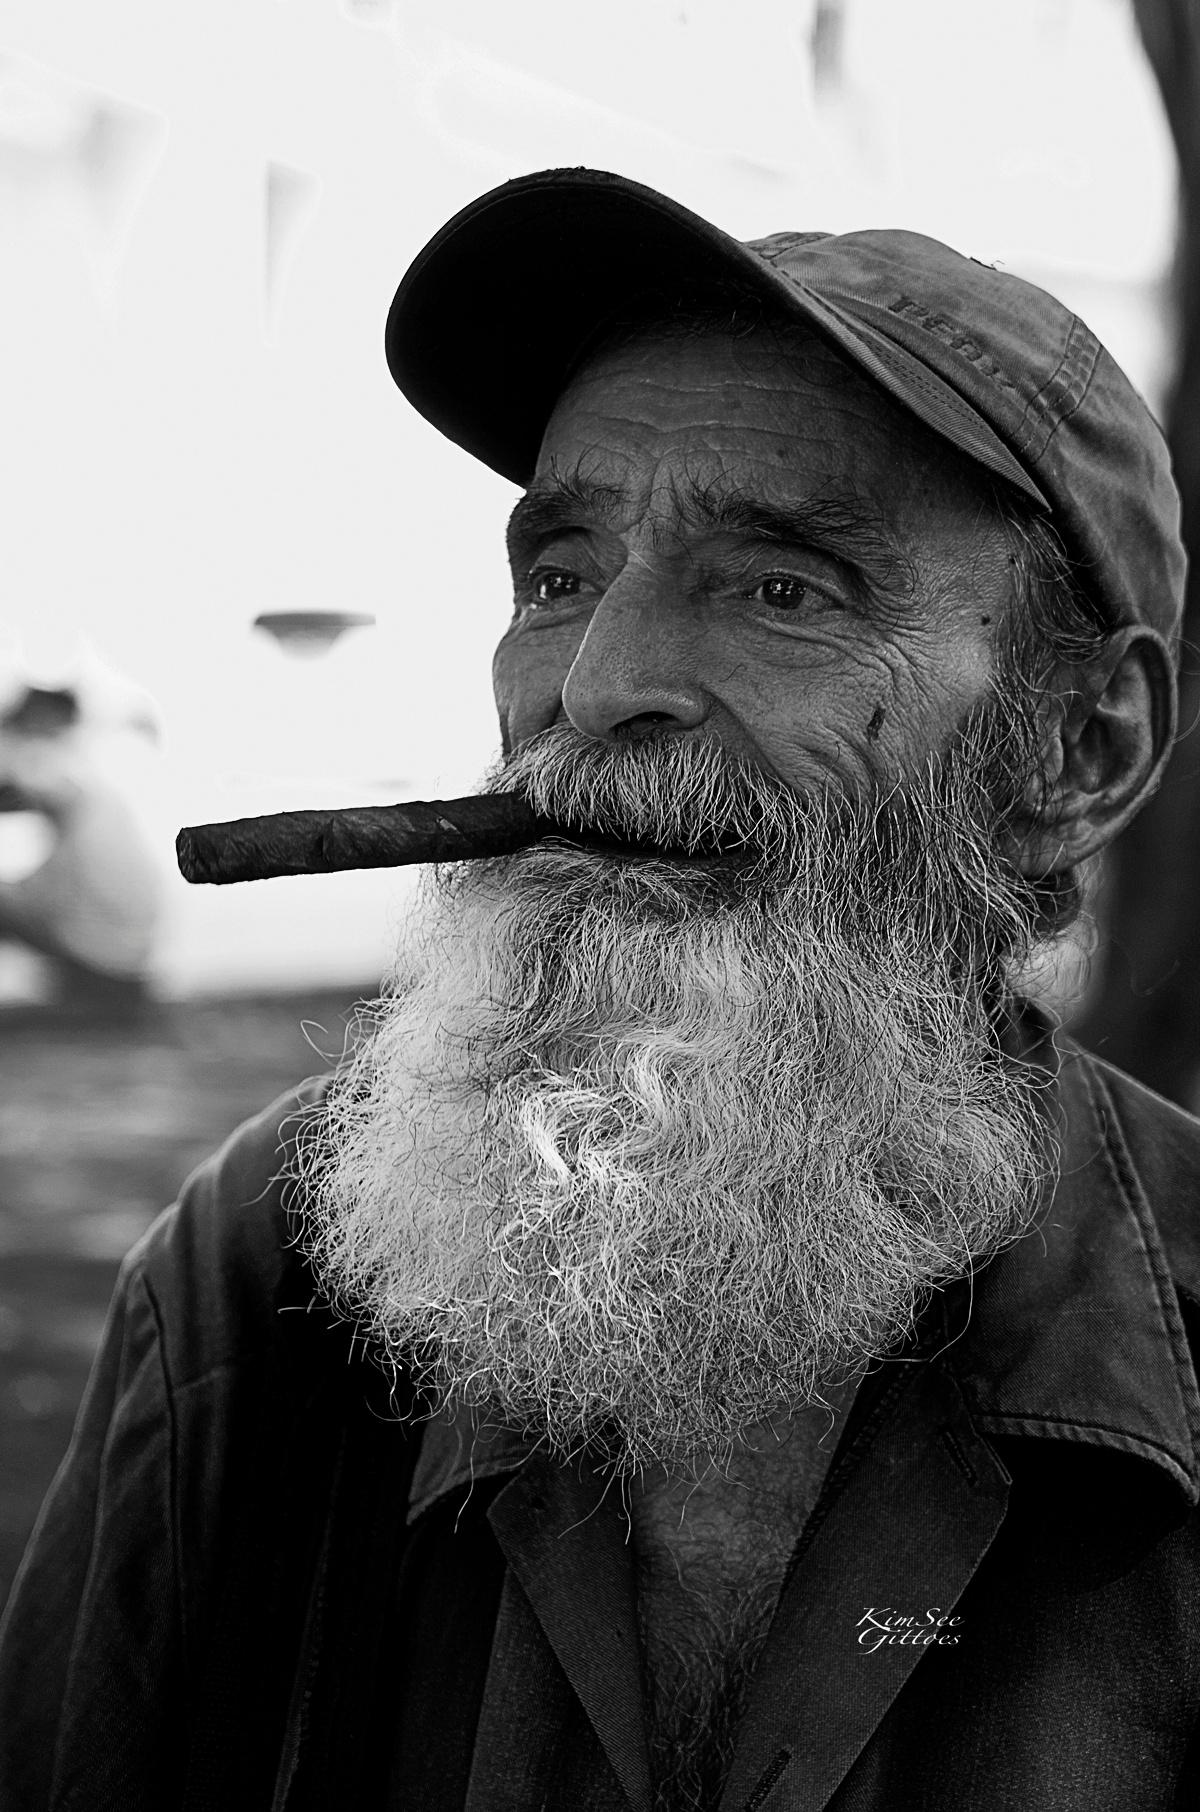 Cuban men and his cigar by KimSee